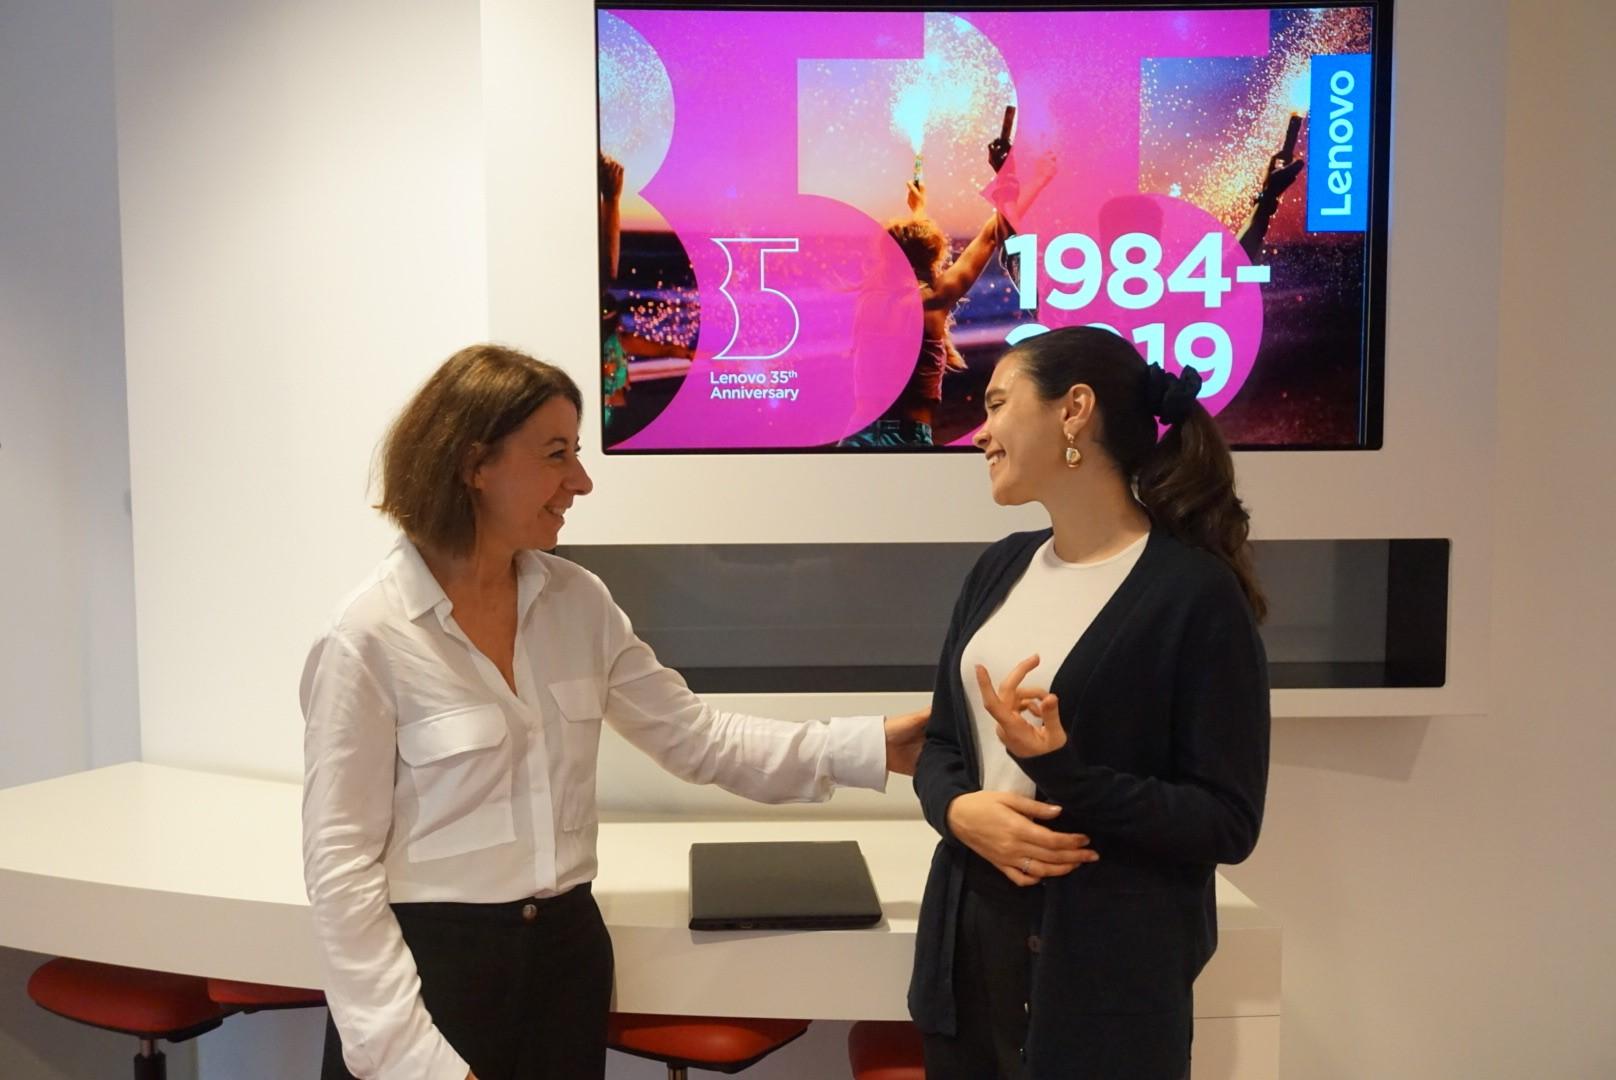 Lenovo festeggia i suoi 35 anni e avvia una partnership con Powercoders